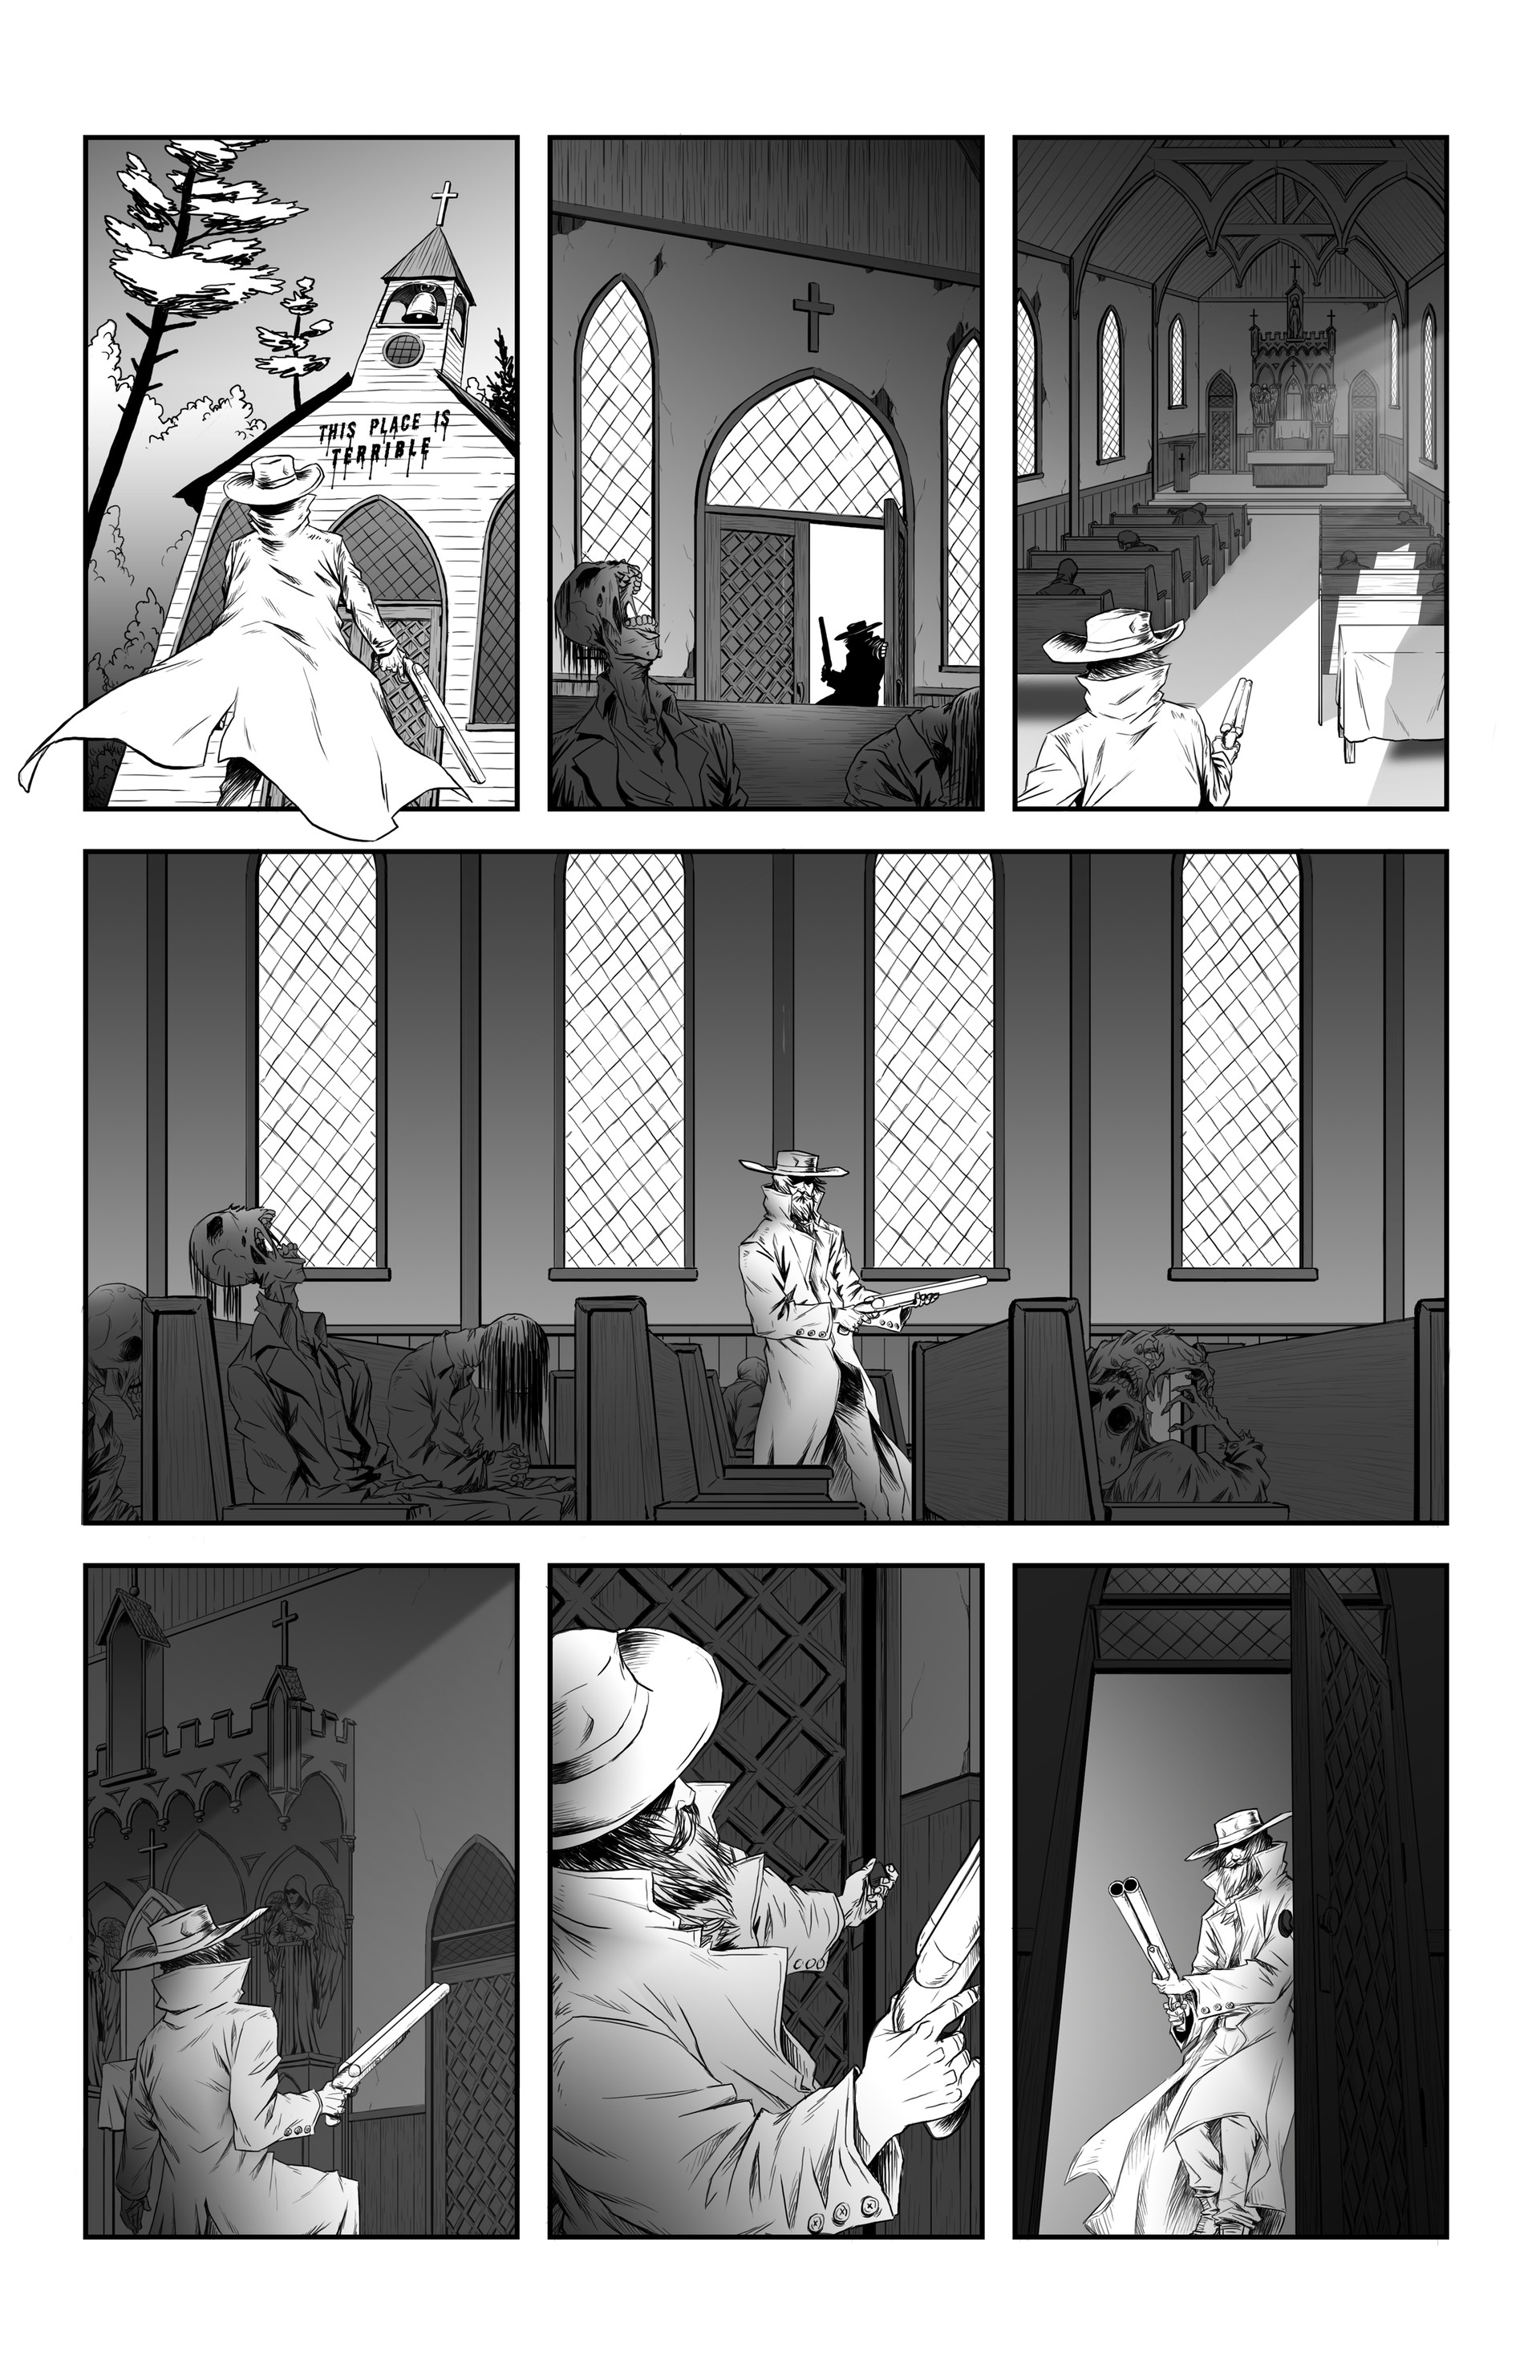 Max haig page 003